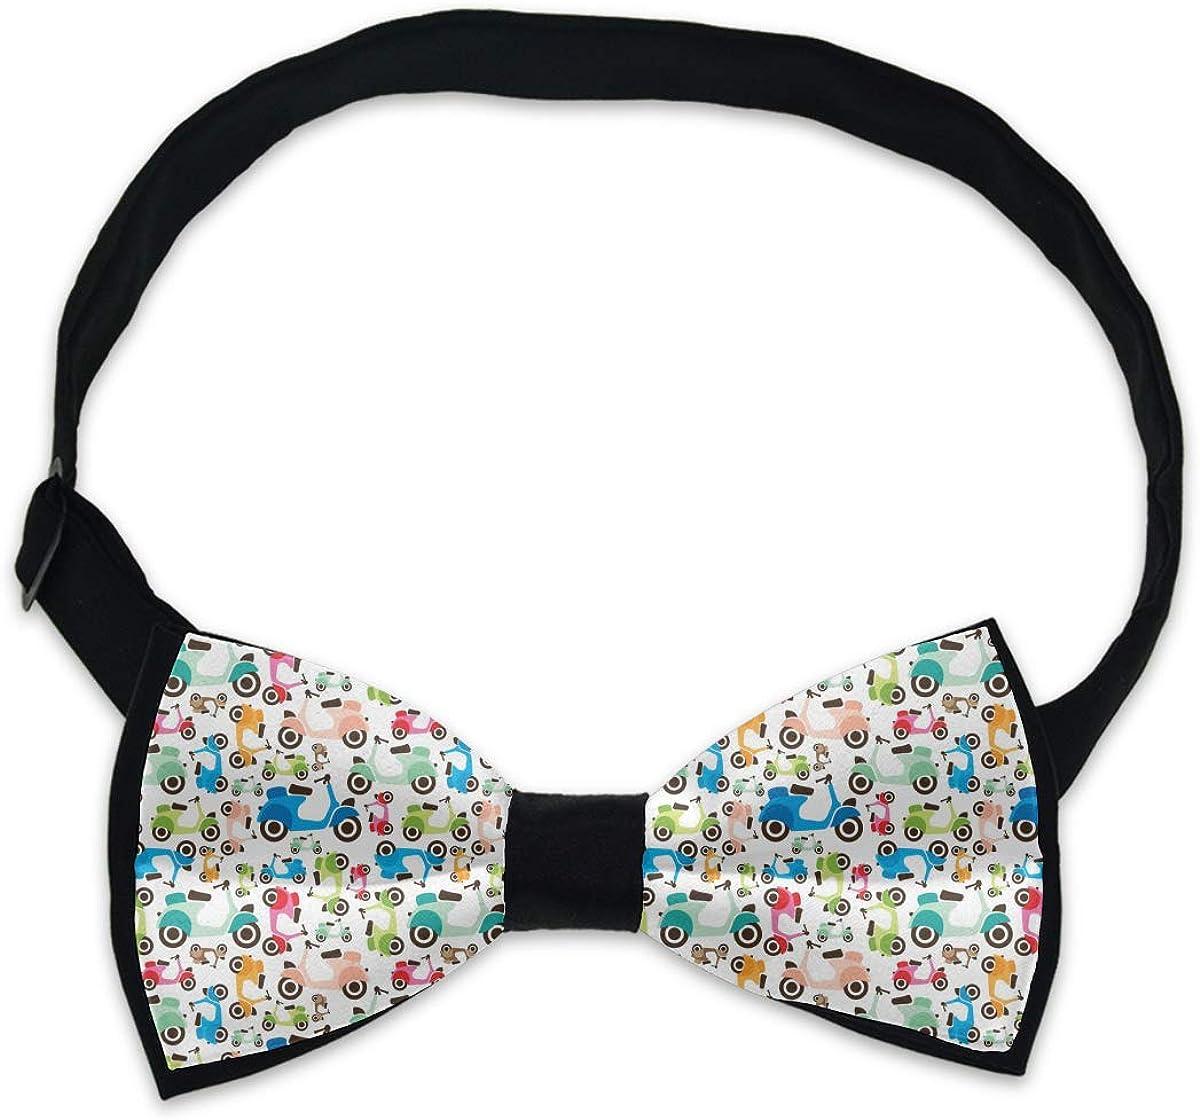 Men's Adjustable Bowties, Cravat Ties, Date Bow Tie - Wedding Party Concert Tie